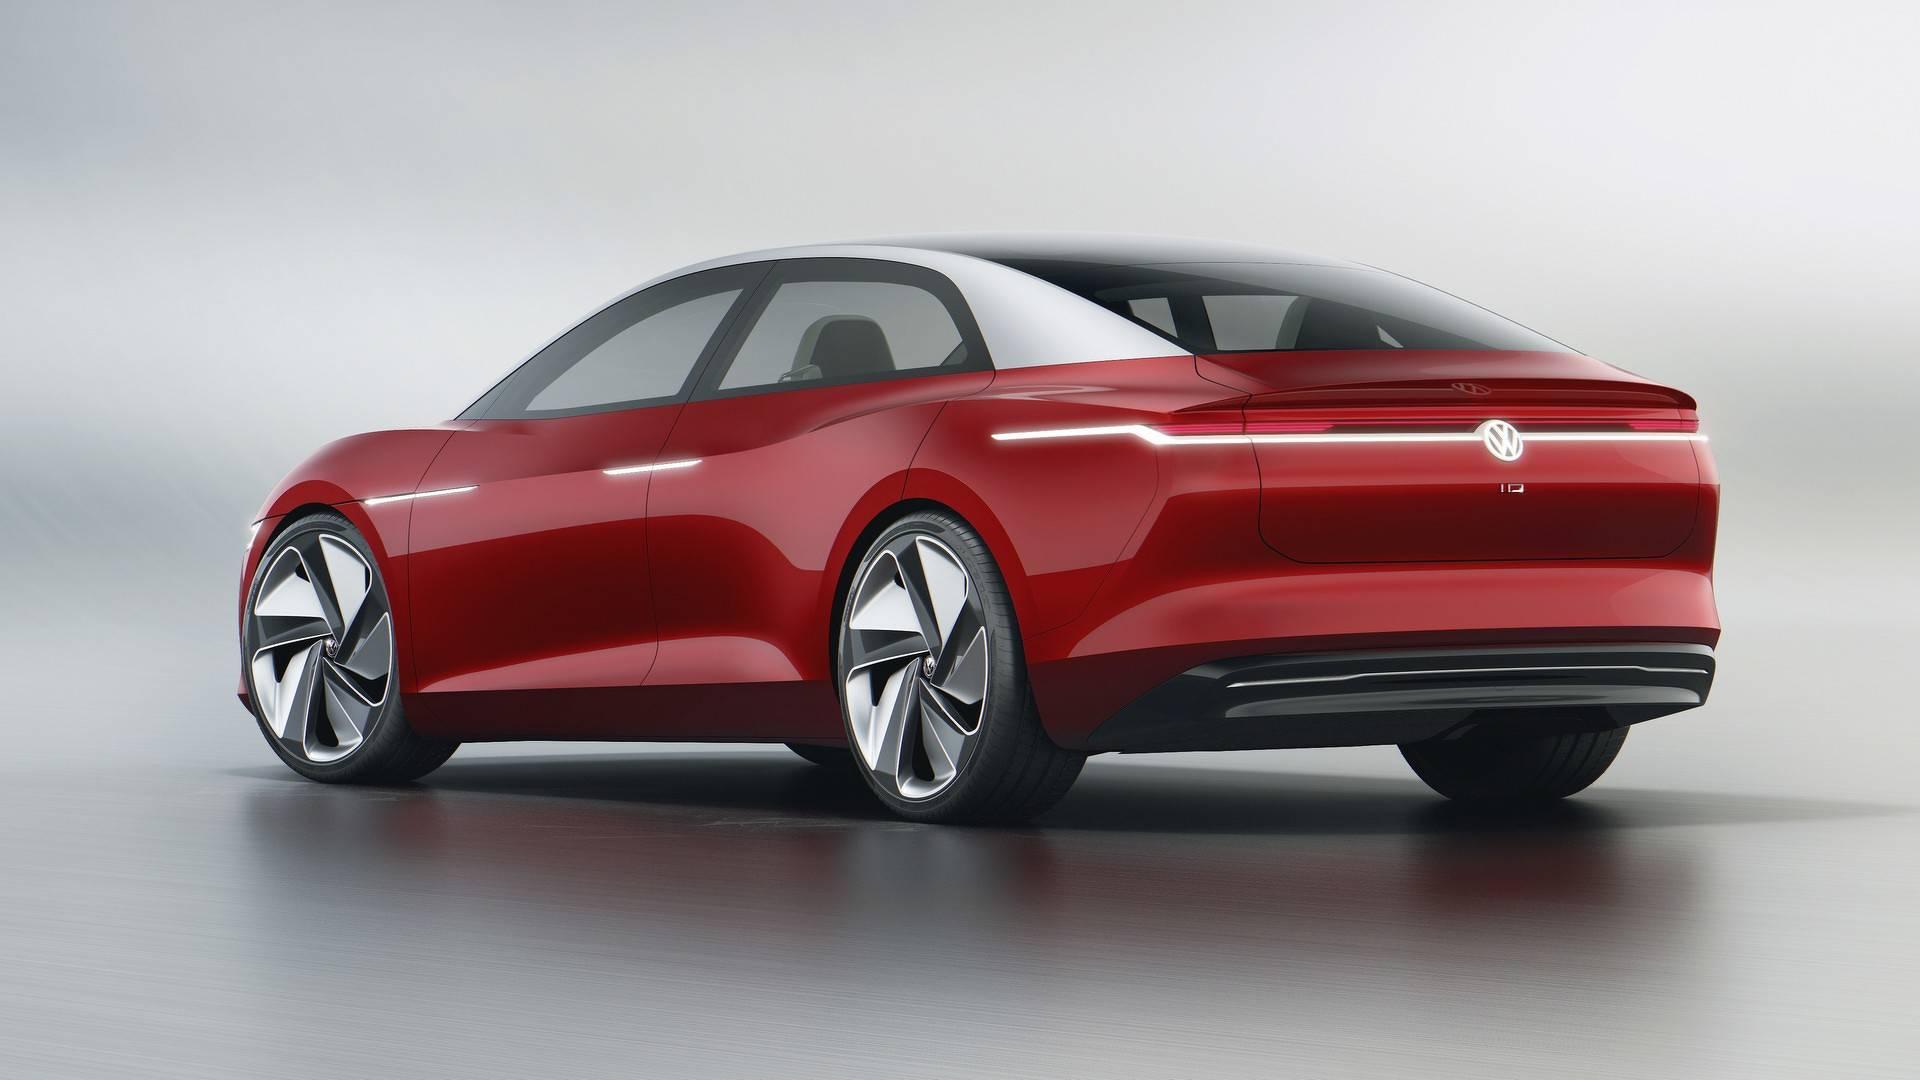 大众欧洲注册一系列商标 或为电动汽车相关产品